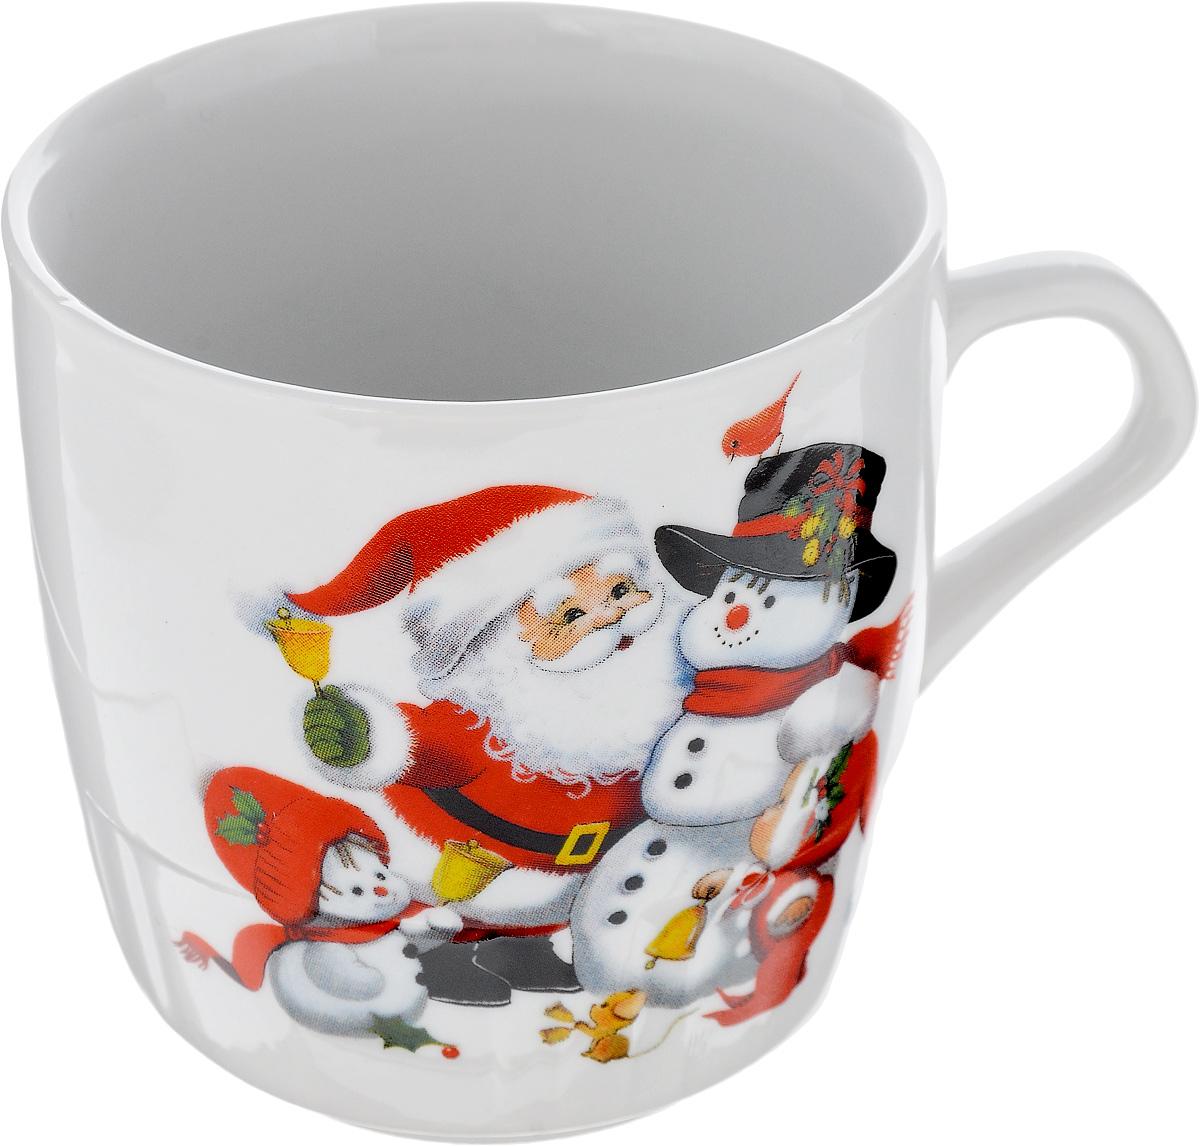 Кружка Фарфор Вербилок Дед Мороз, 250 мл5812120Кружка Фарфор Вербилок Дед Мороз способна скрасить любое чаепитие. Изделие выполнено из высококачественного фарфора. Посуда из такого материала позволяет сохранить истинный вкус напитка, а также помогает ему дольше оставаться теплым.Диаметр кружки (по верхнему краю): 8 см.Высота кружки: 8,5 см.